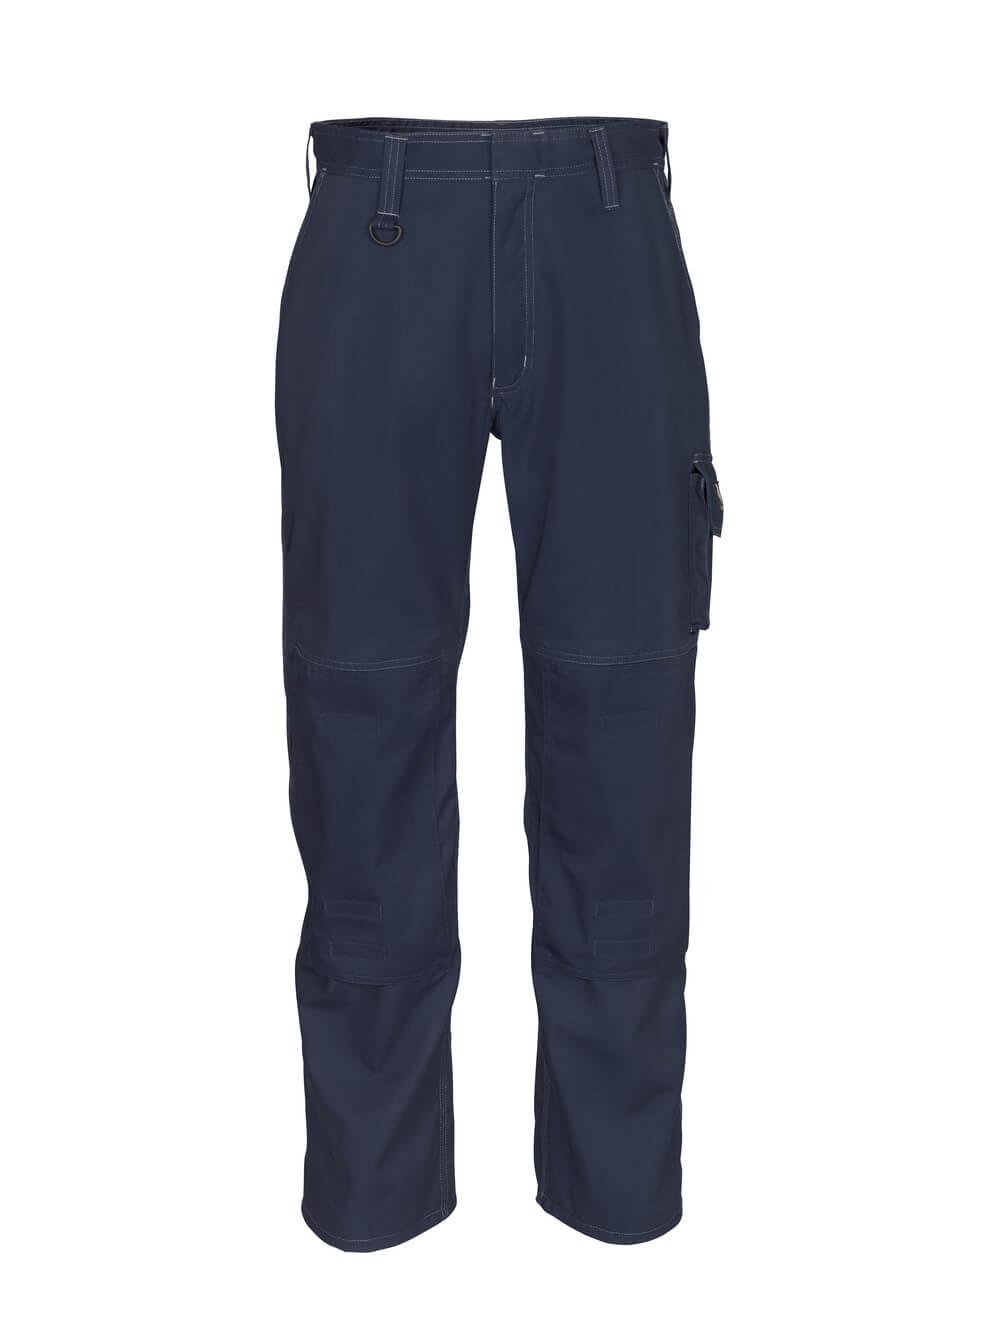 12355-630-010 Hose mit Knietaschen - Schwarzblau